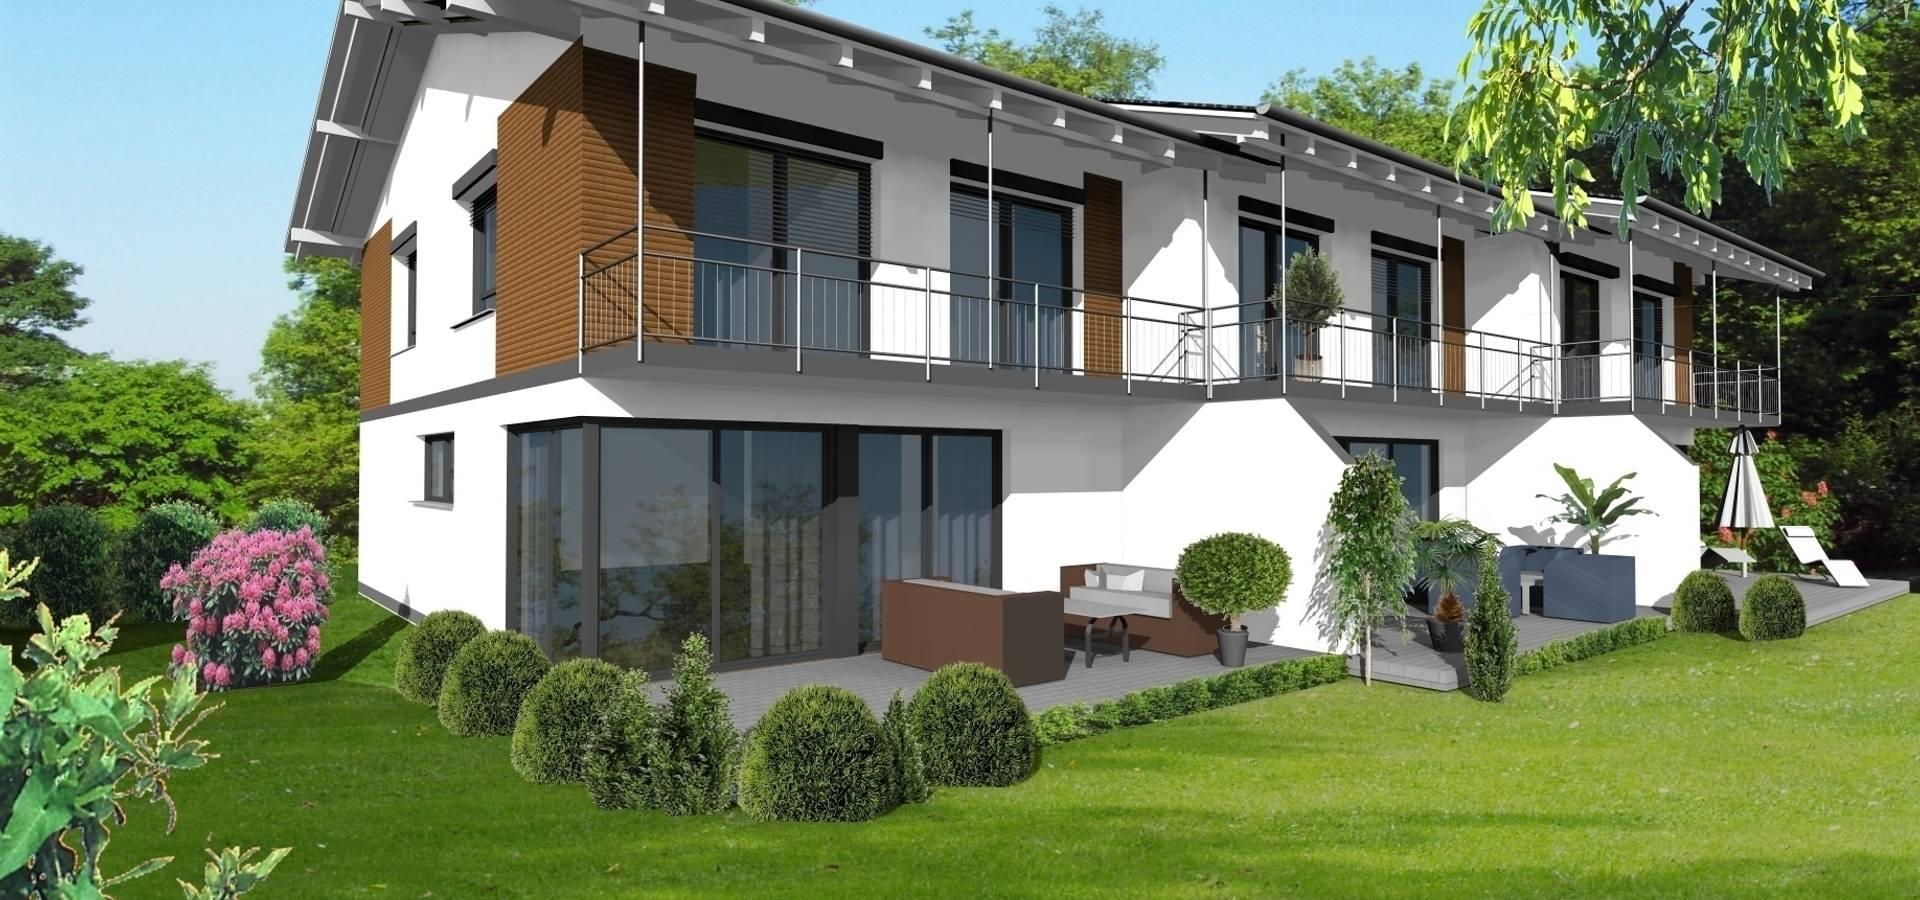 Architekturbüro Rudolf Fürstner